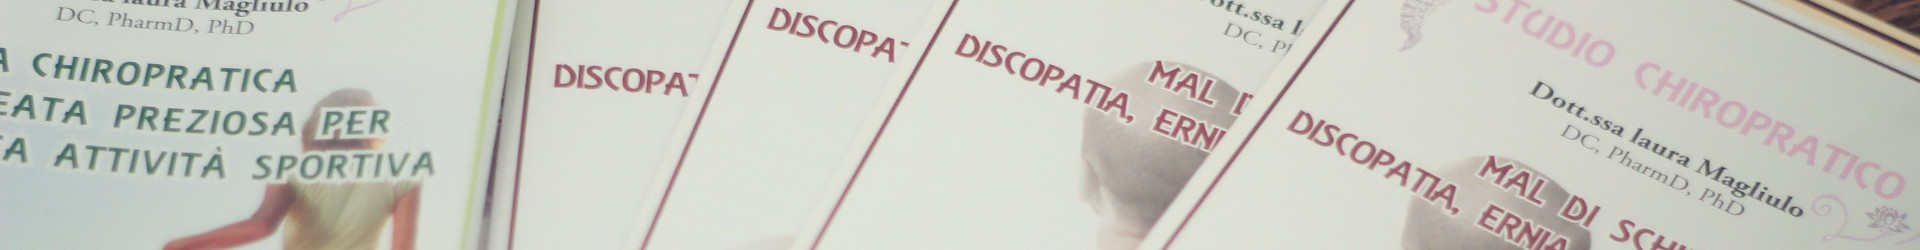 CHIROPRATICA E ALTRI DISTURBI